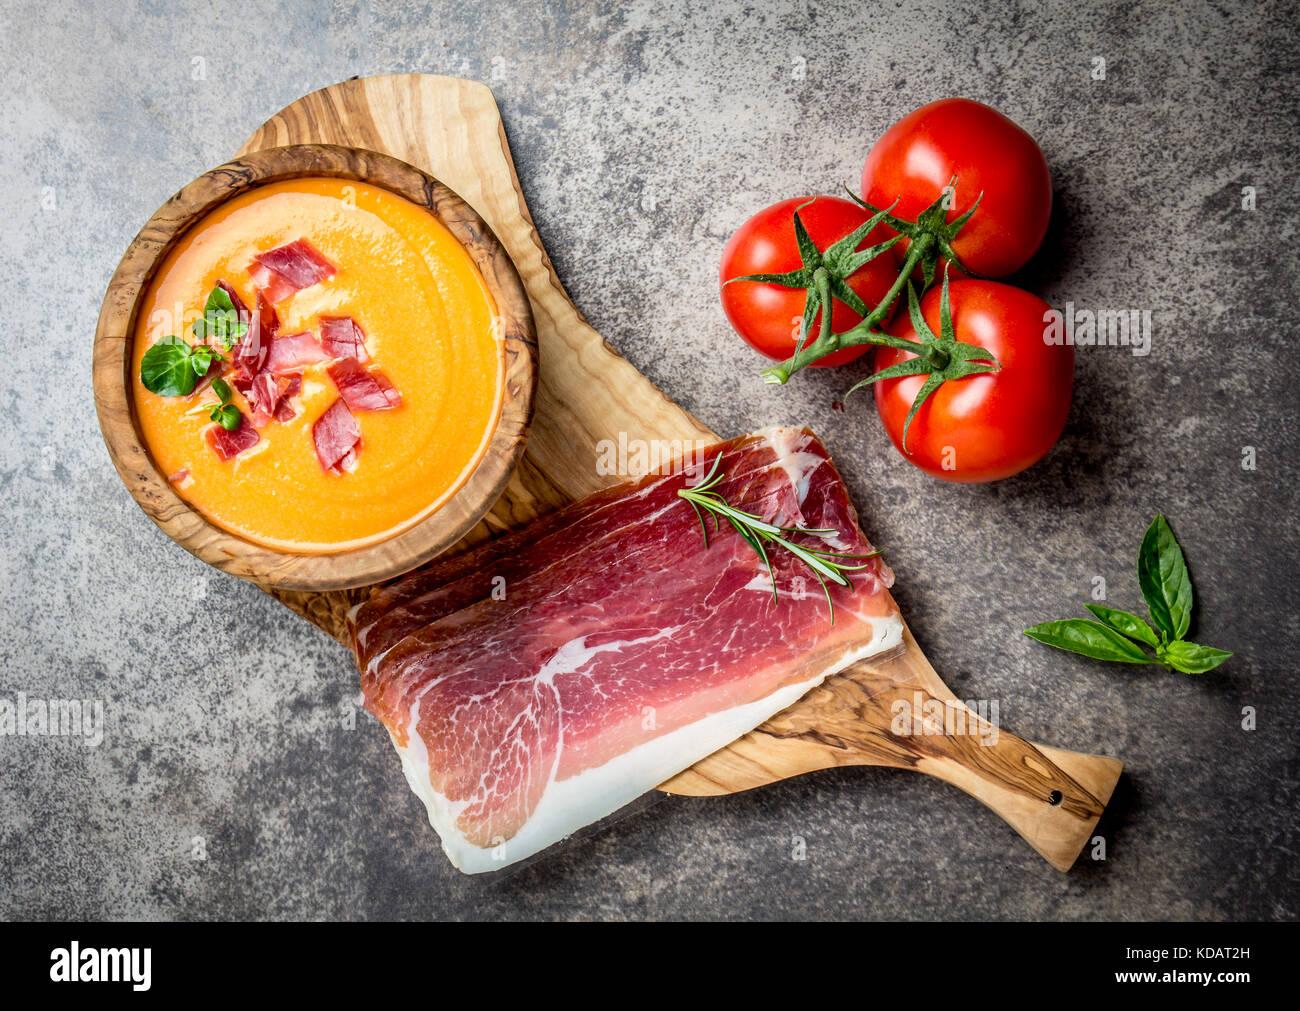 Spagnolo zuppa di pomodoro Salmorejo servita in olive ciotola di legno con prosciutto jamon serrano su sfondo di Immagini Stock